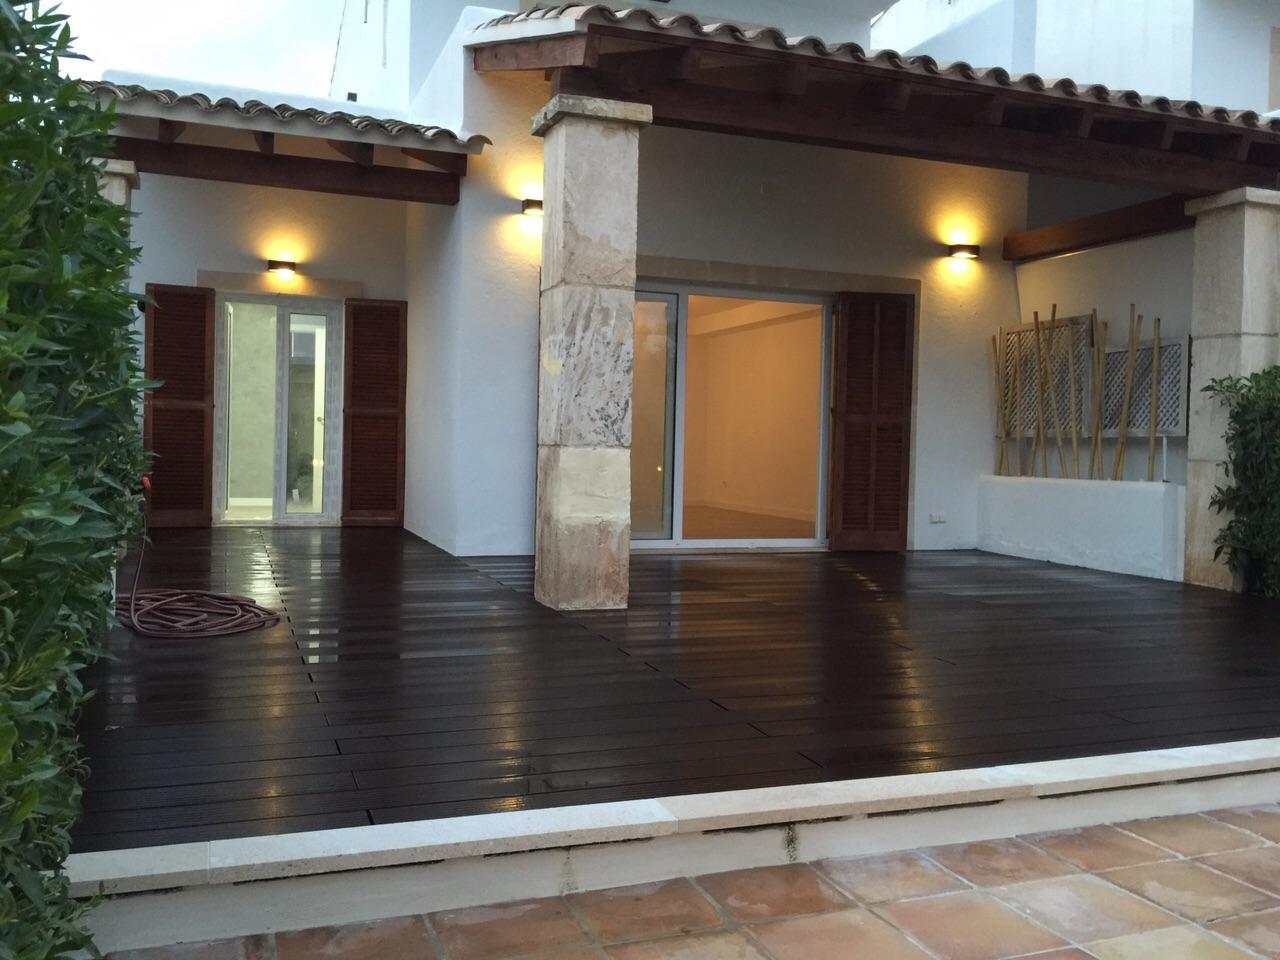 Terraza de chalet en venta en zona residencial junto a cala Mendia, Mallorca